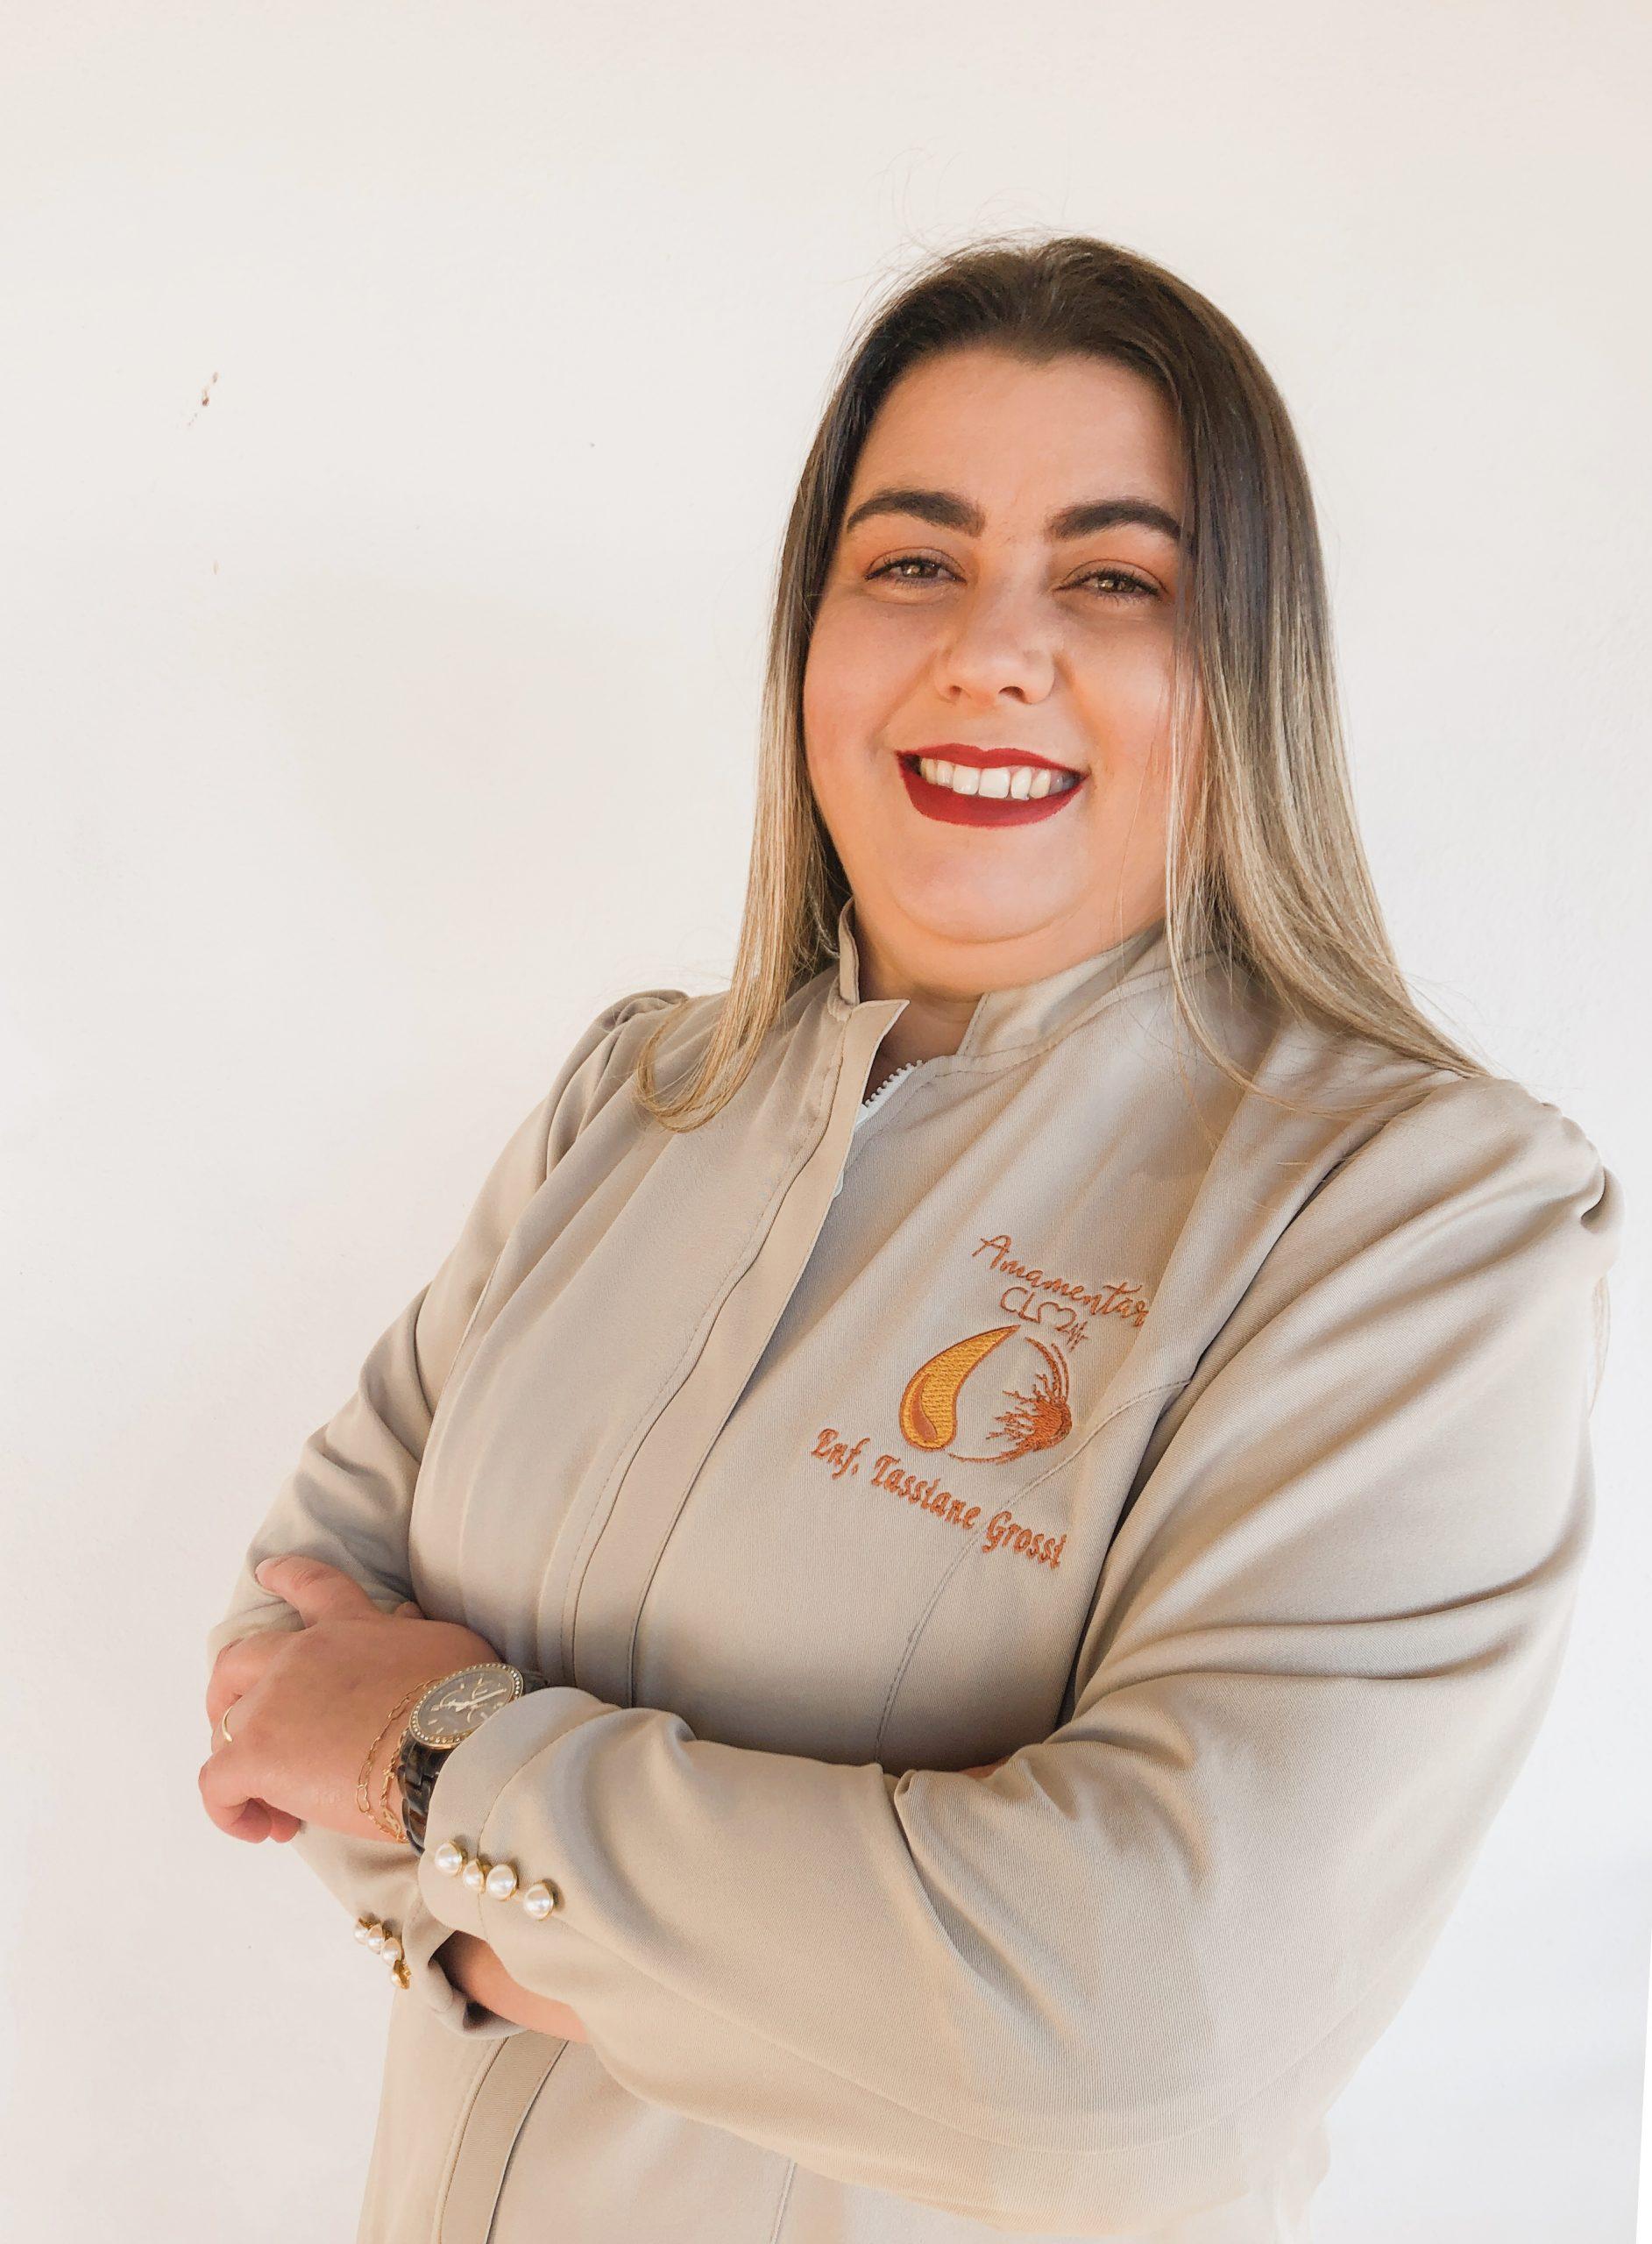 Tassiane Miranda Grossi Rezende